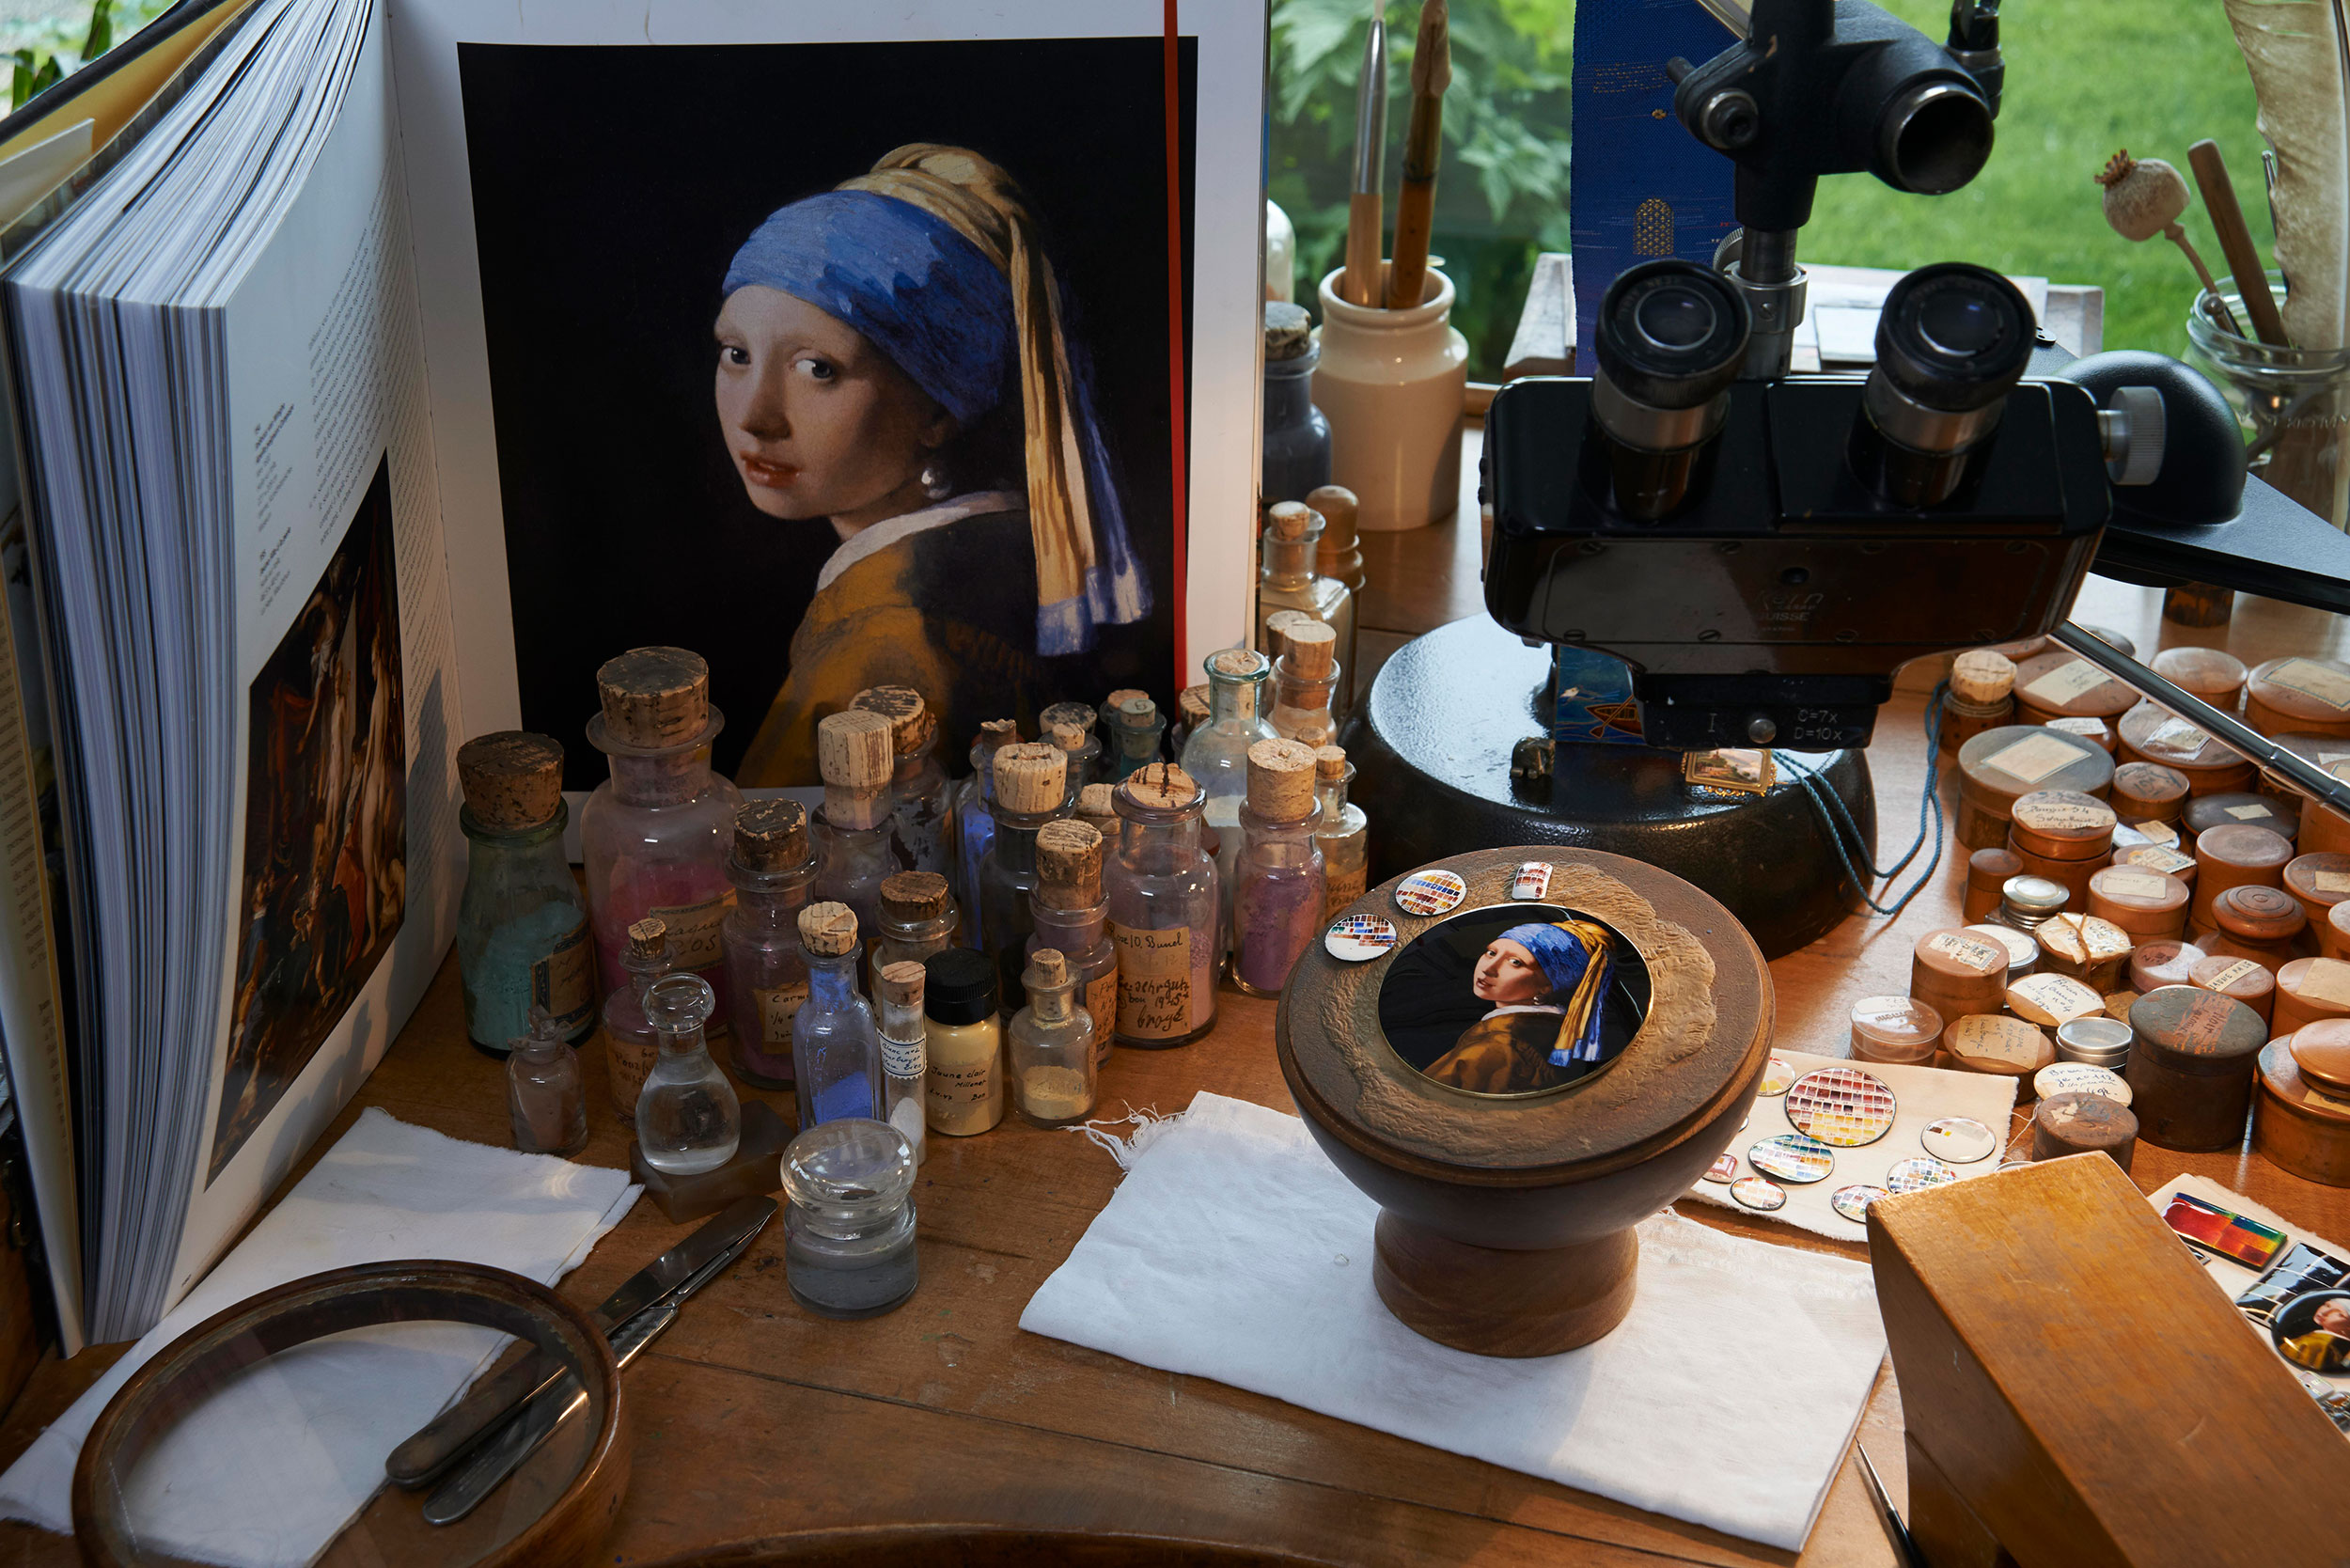 El estudio de la esmaltadora Anita Porchet